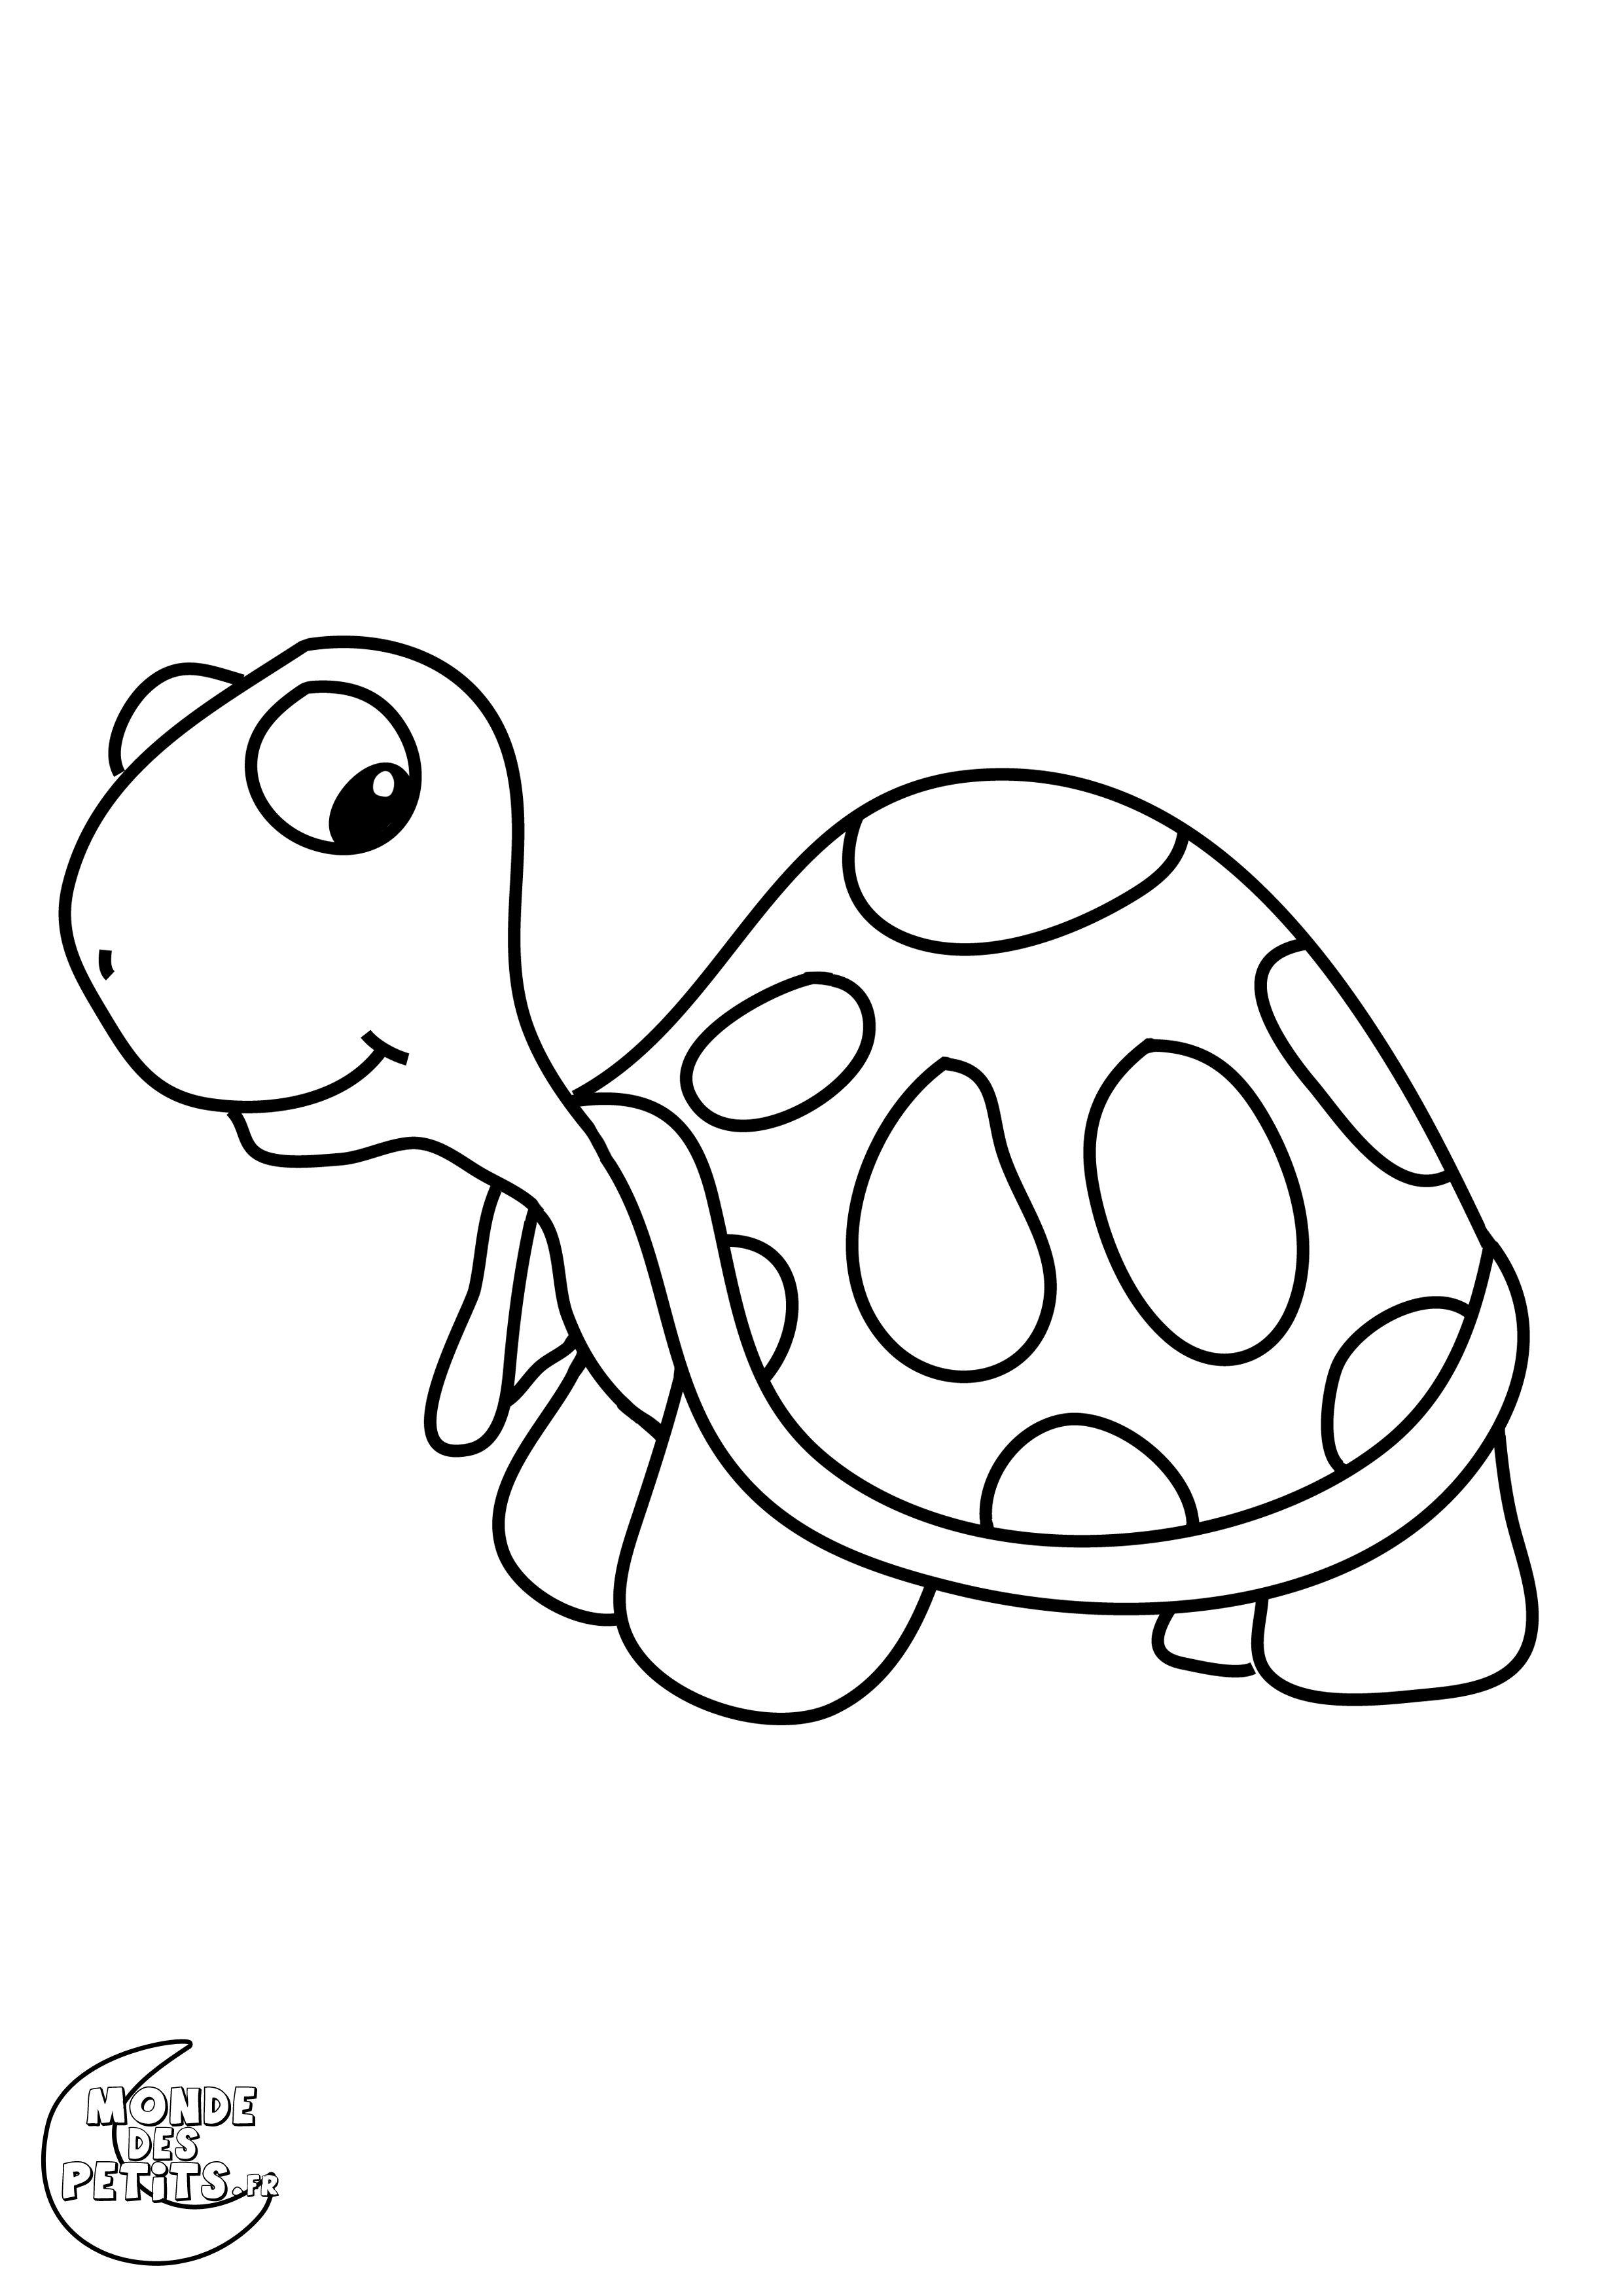 Coloriage Animaux À Colorier - Dessin À Imprimer | Zoo concernant Dessin Enfant A Colorier